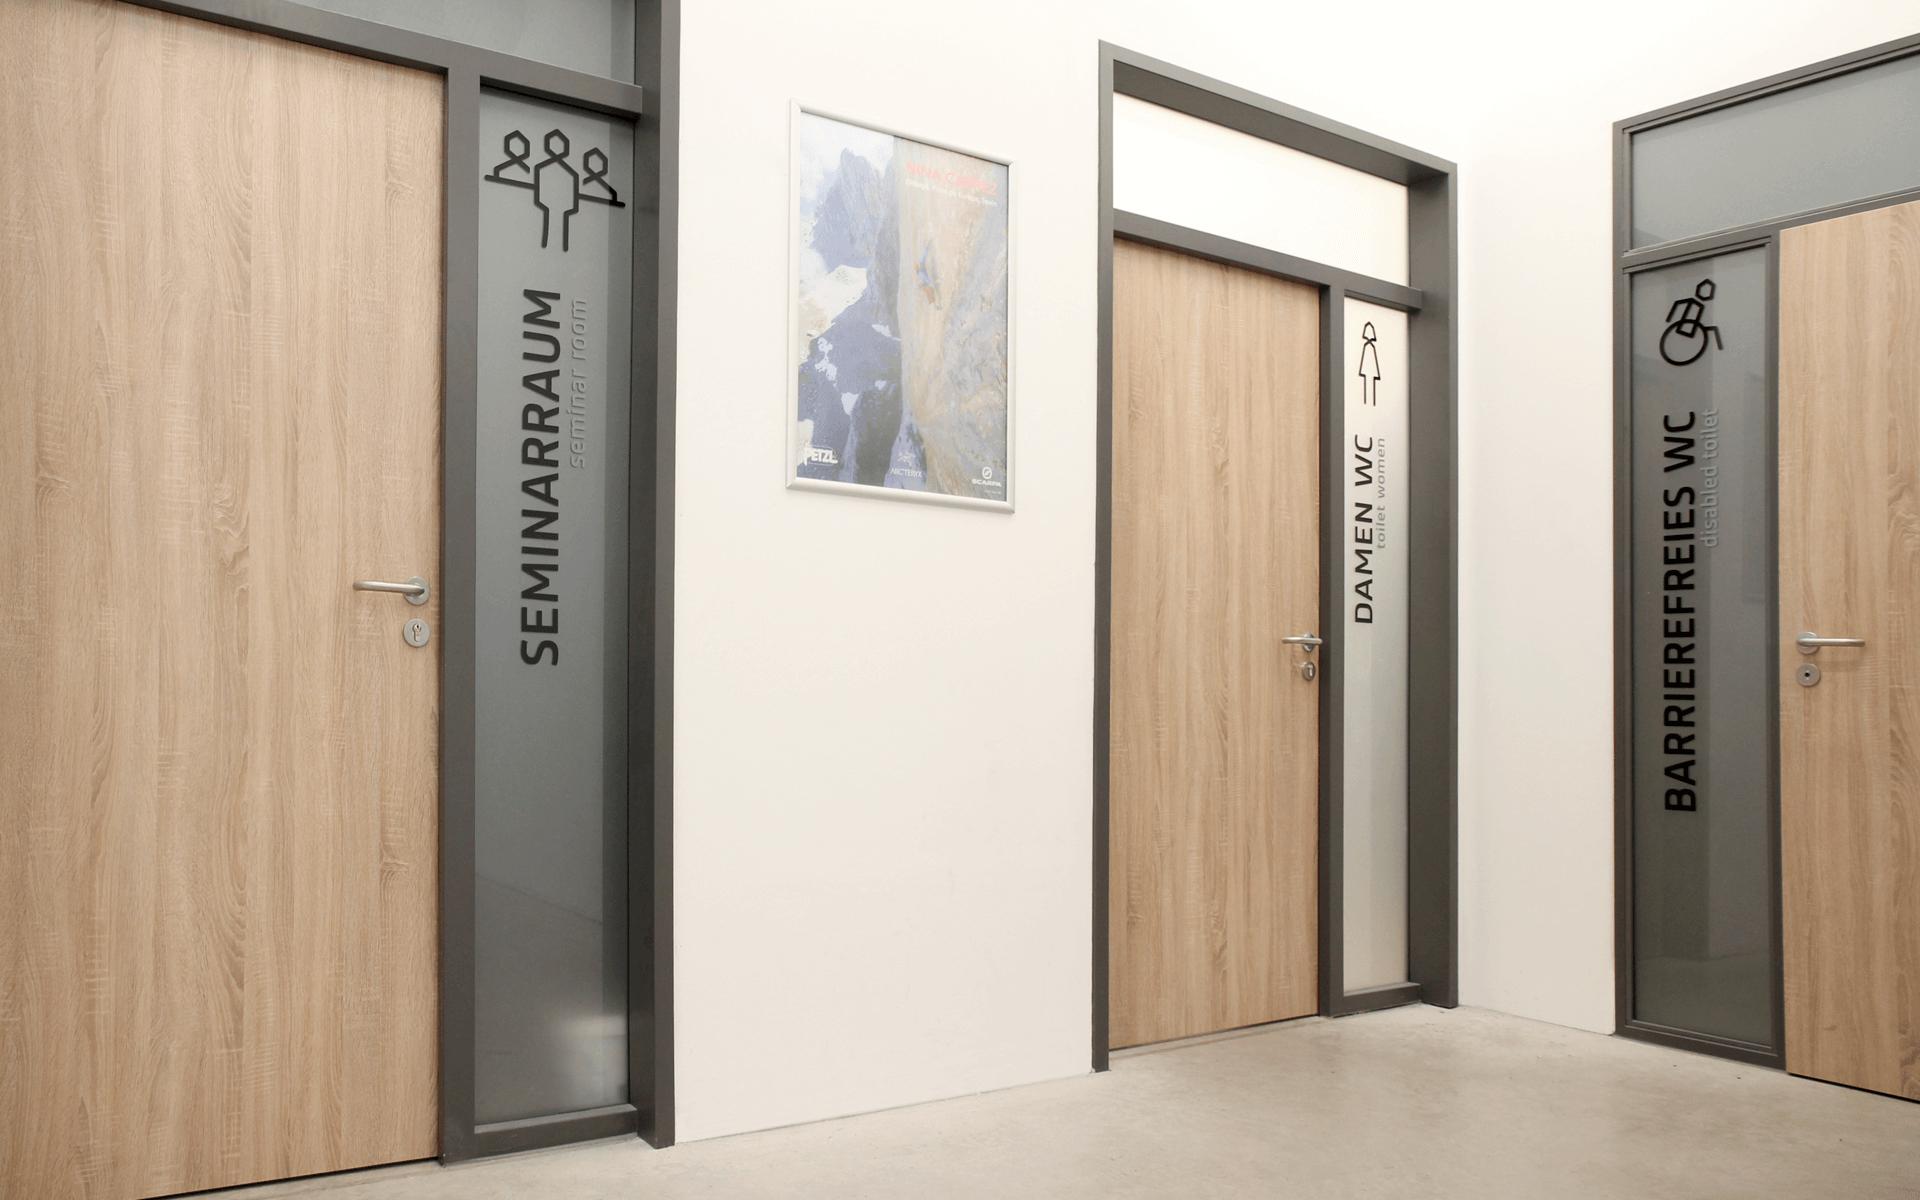 Bergstation Corporate Design, Signaletik, Wegeleitsystem und Türkennzeichnung